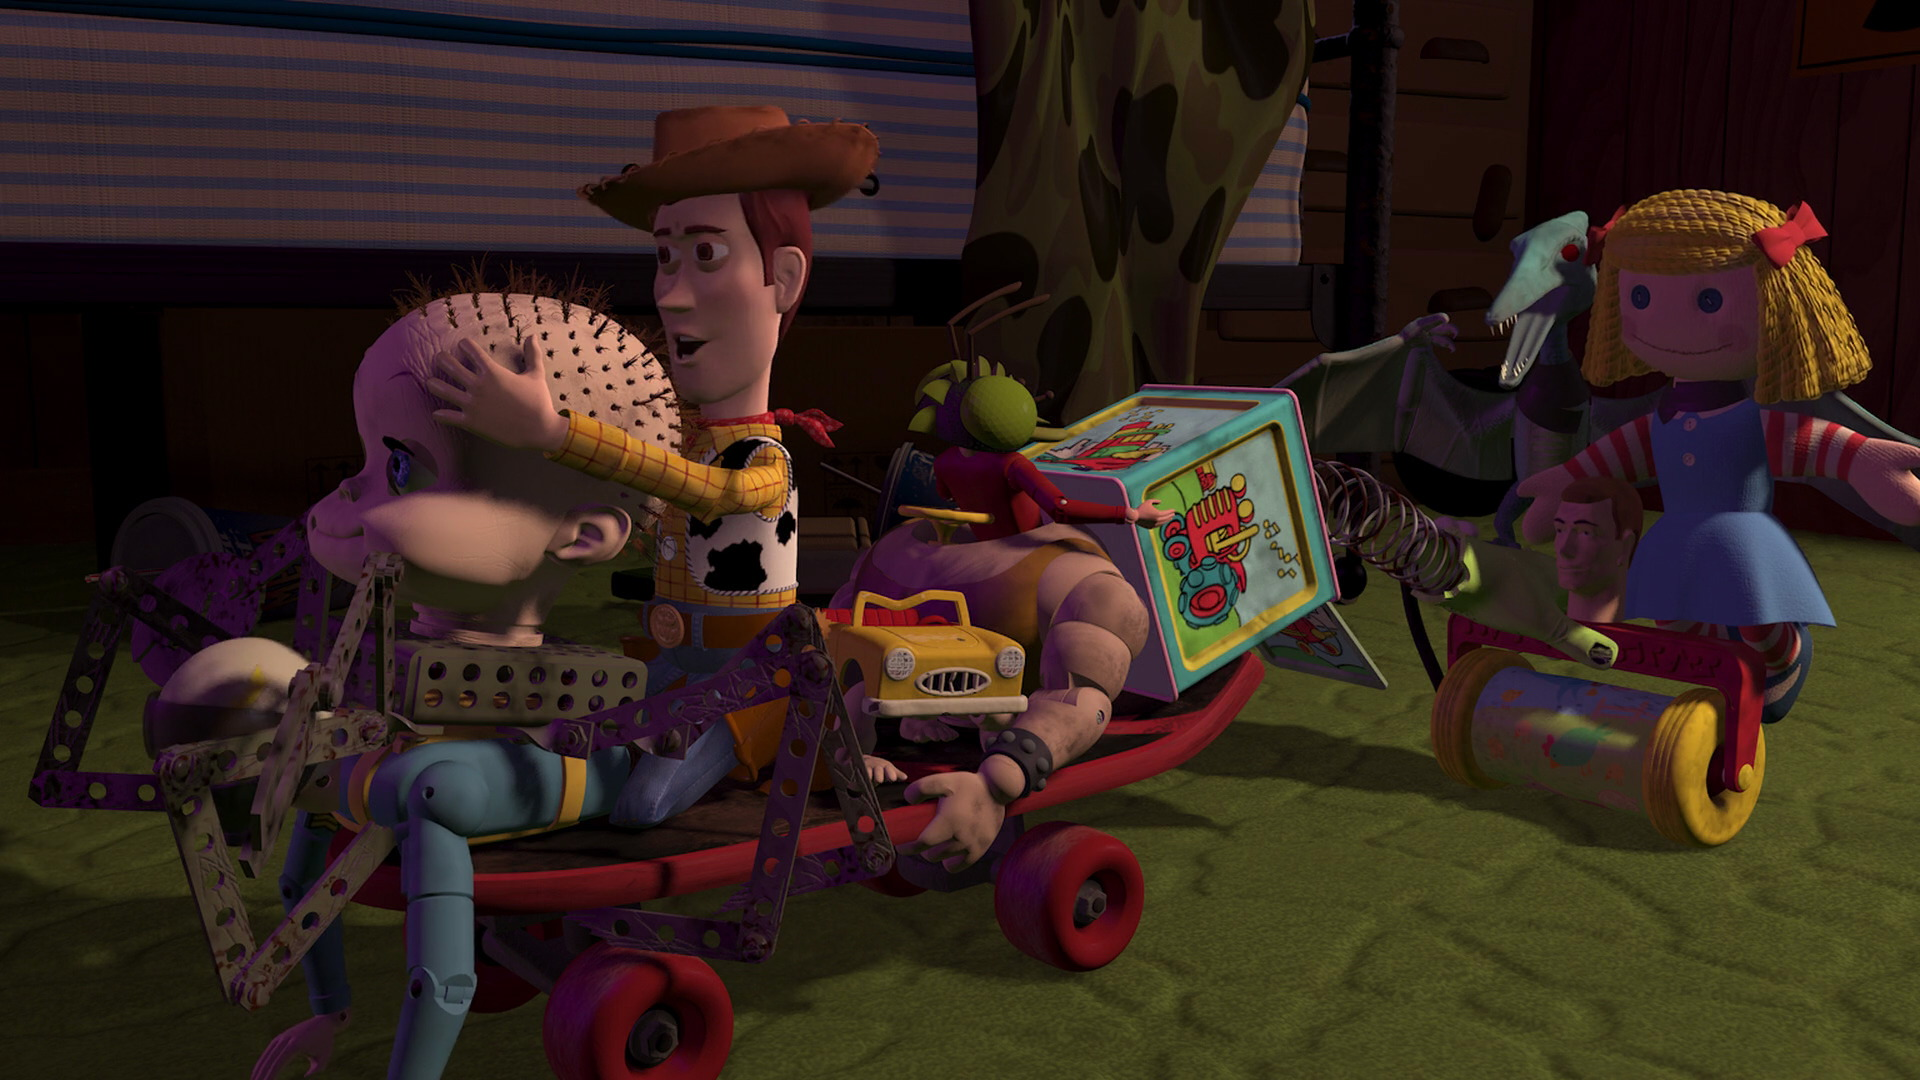 Image - Toy-story-disneyscreencaps.com-7601.jpg | Disney ...